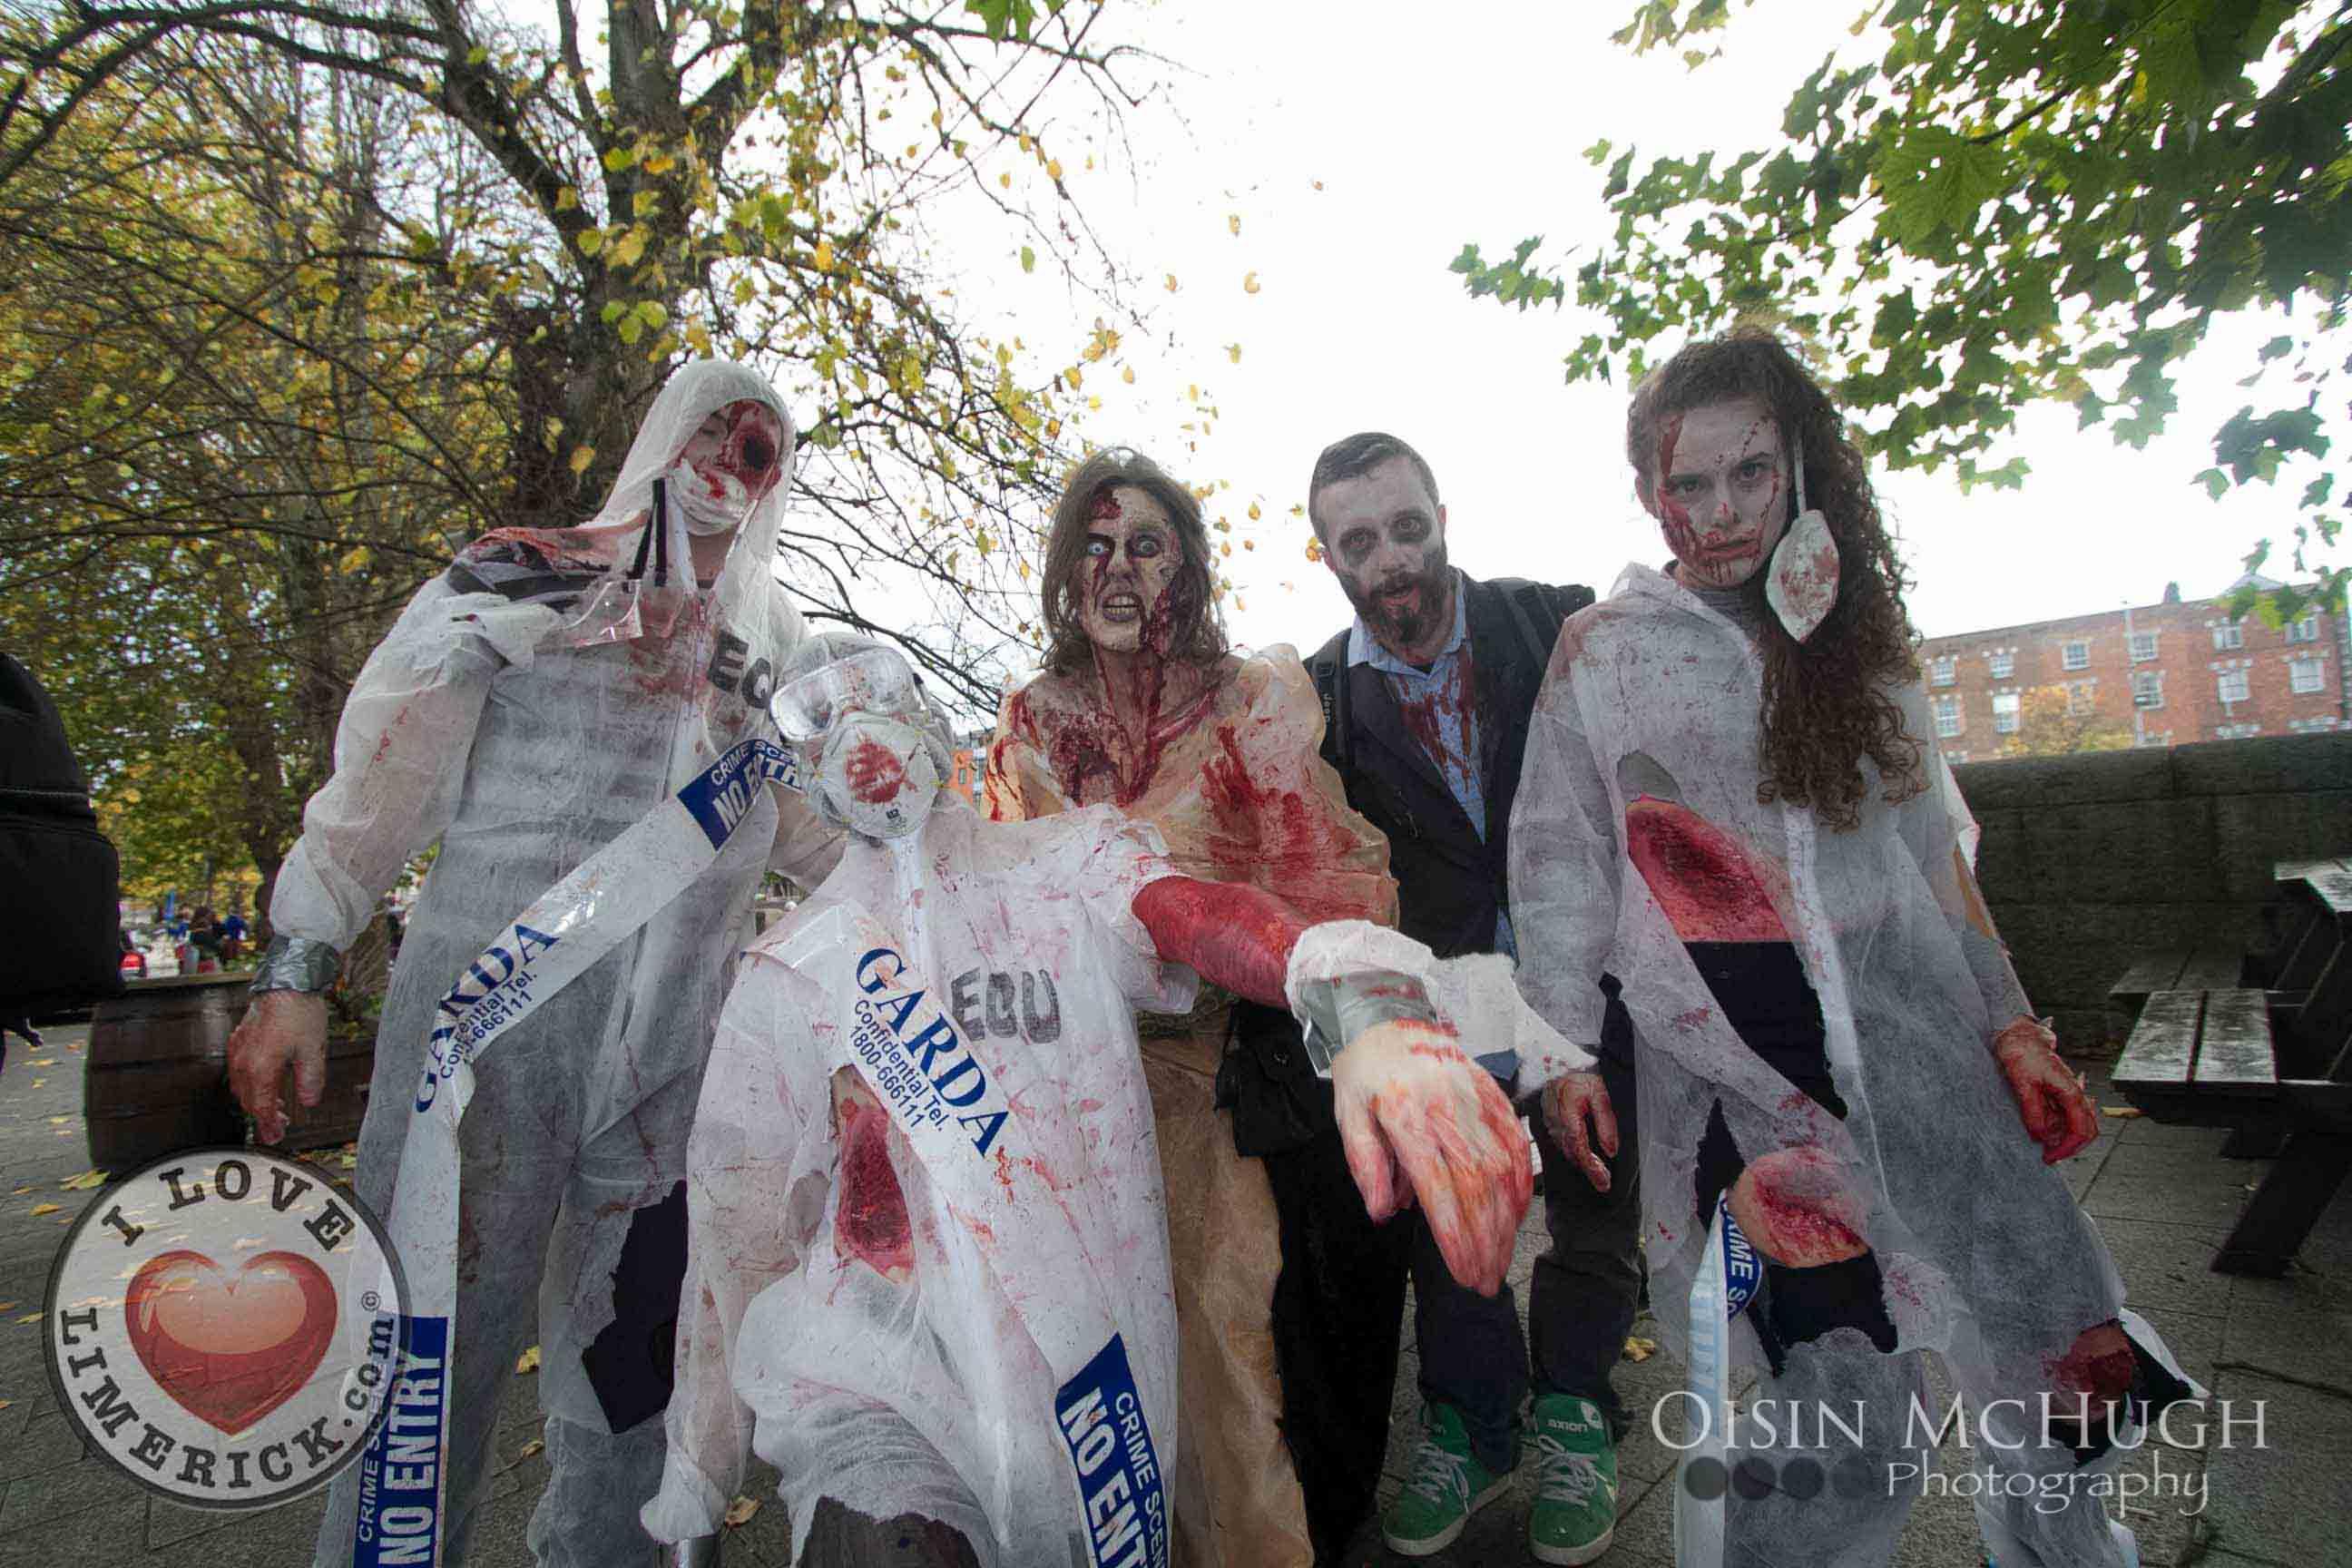 Outbreak Zombie Festival 2014